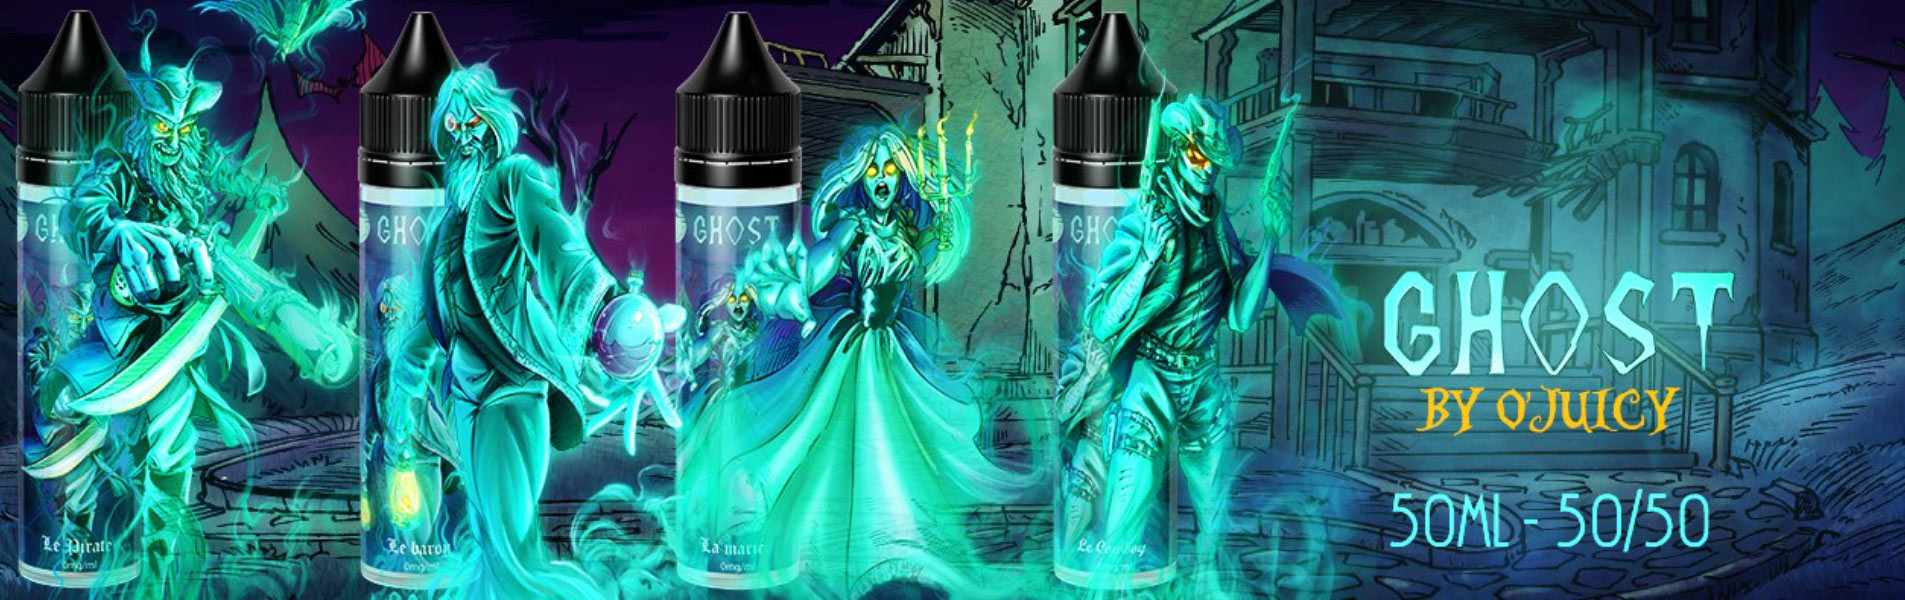 La gamme Ghost de O'Juicy